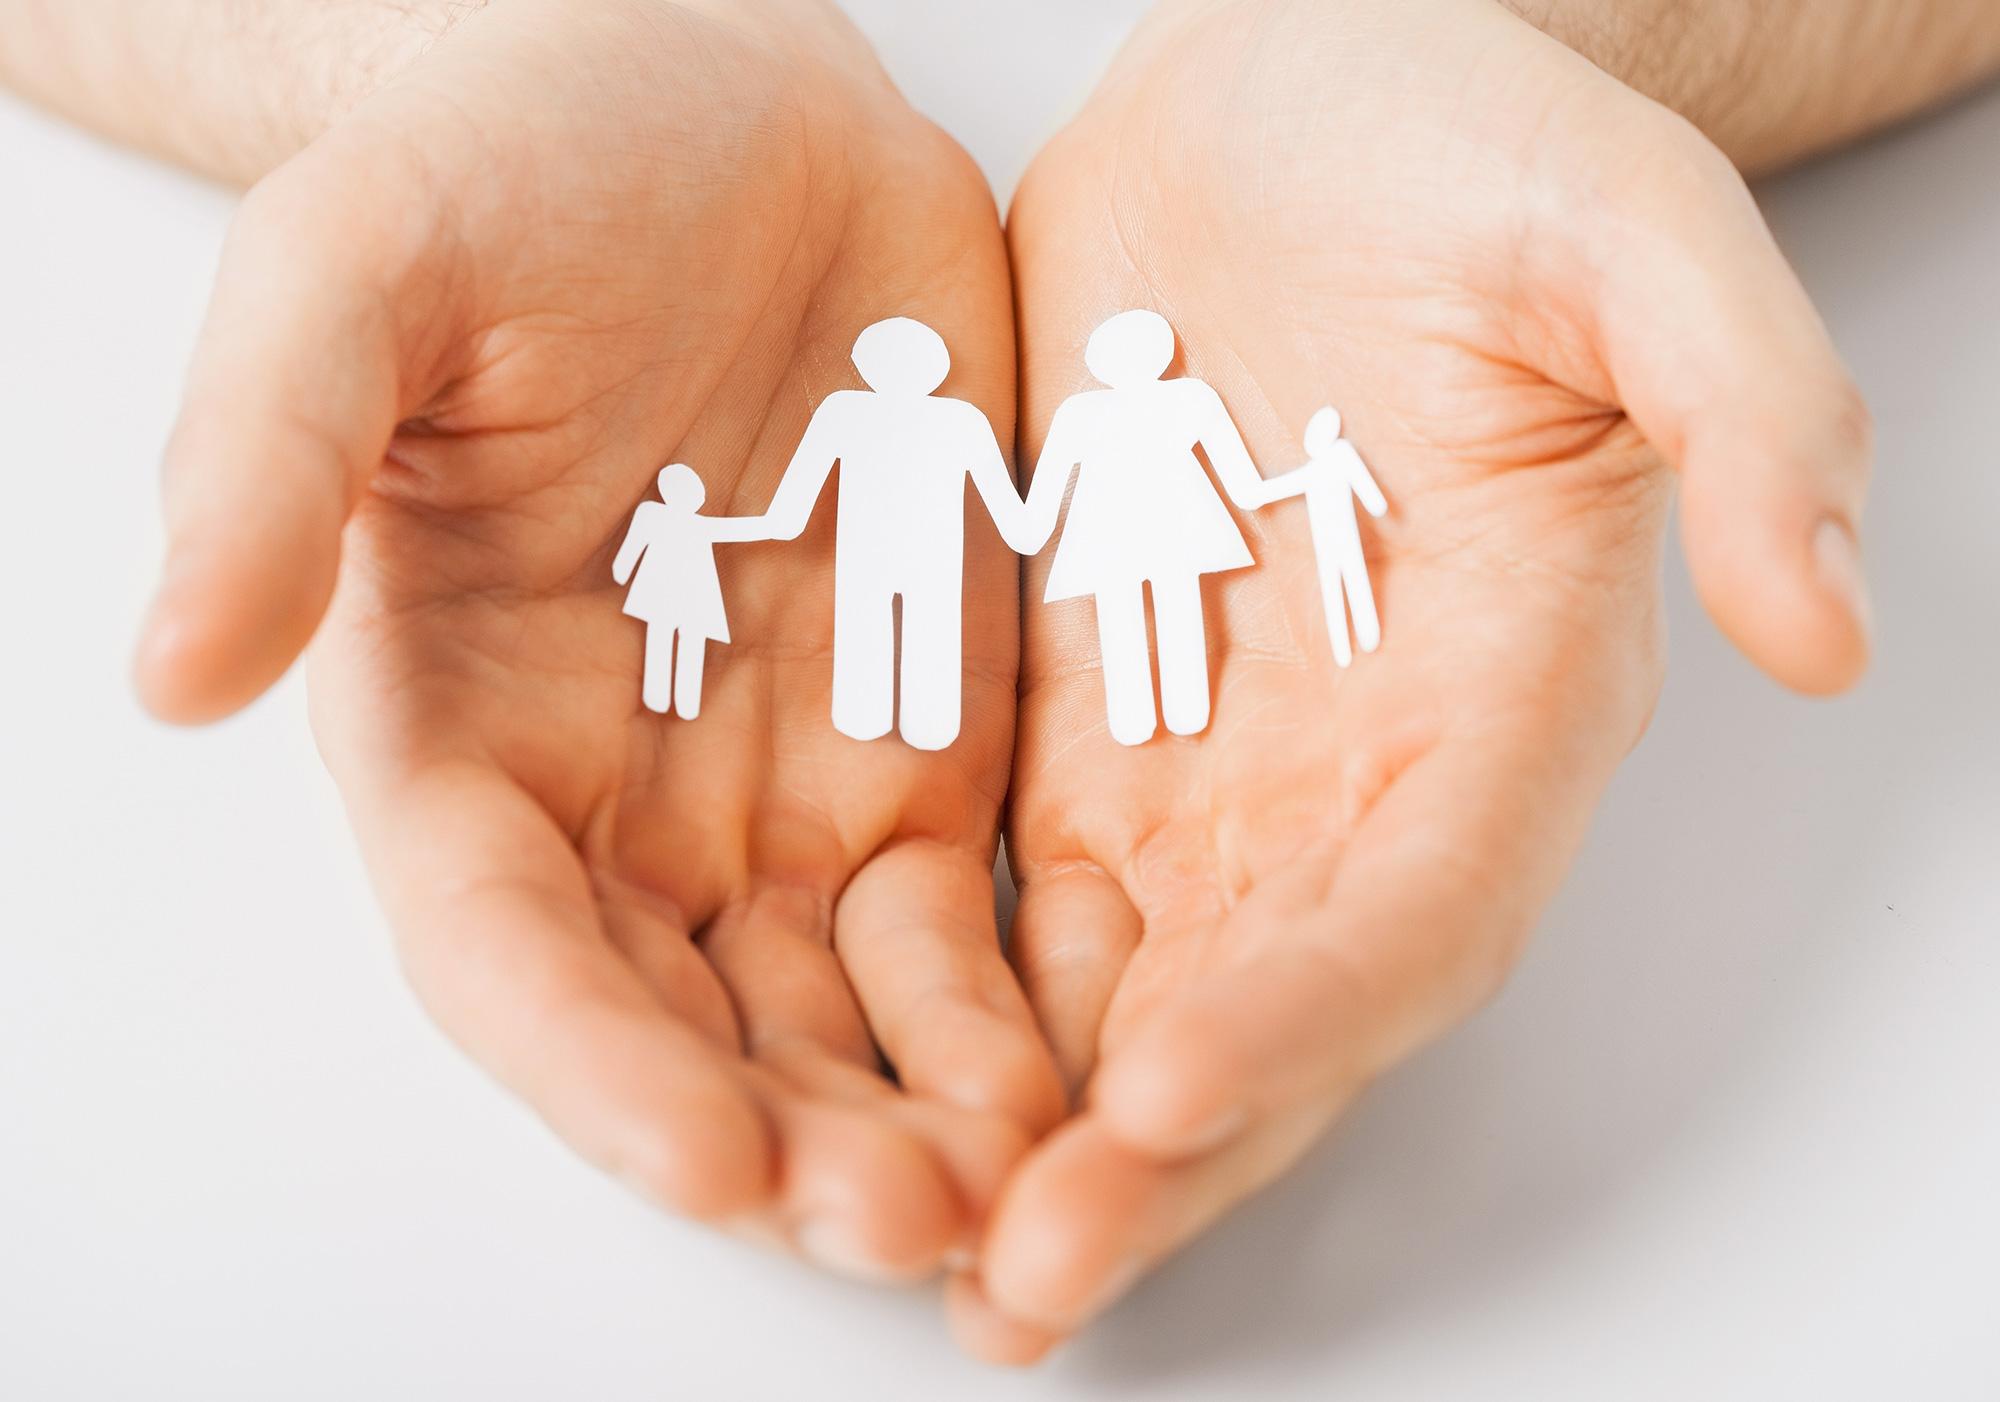 mani-famiglia-associazione-vittoria-onlus-aiuto-malattia